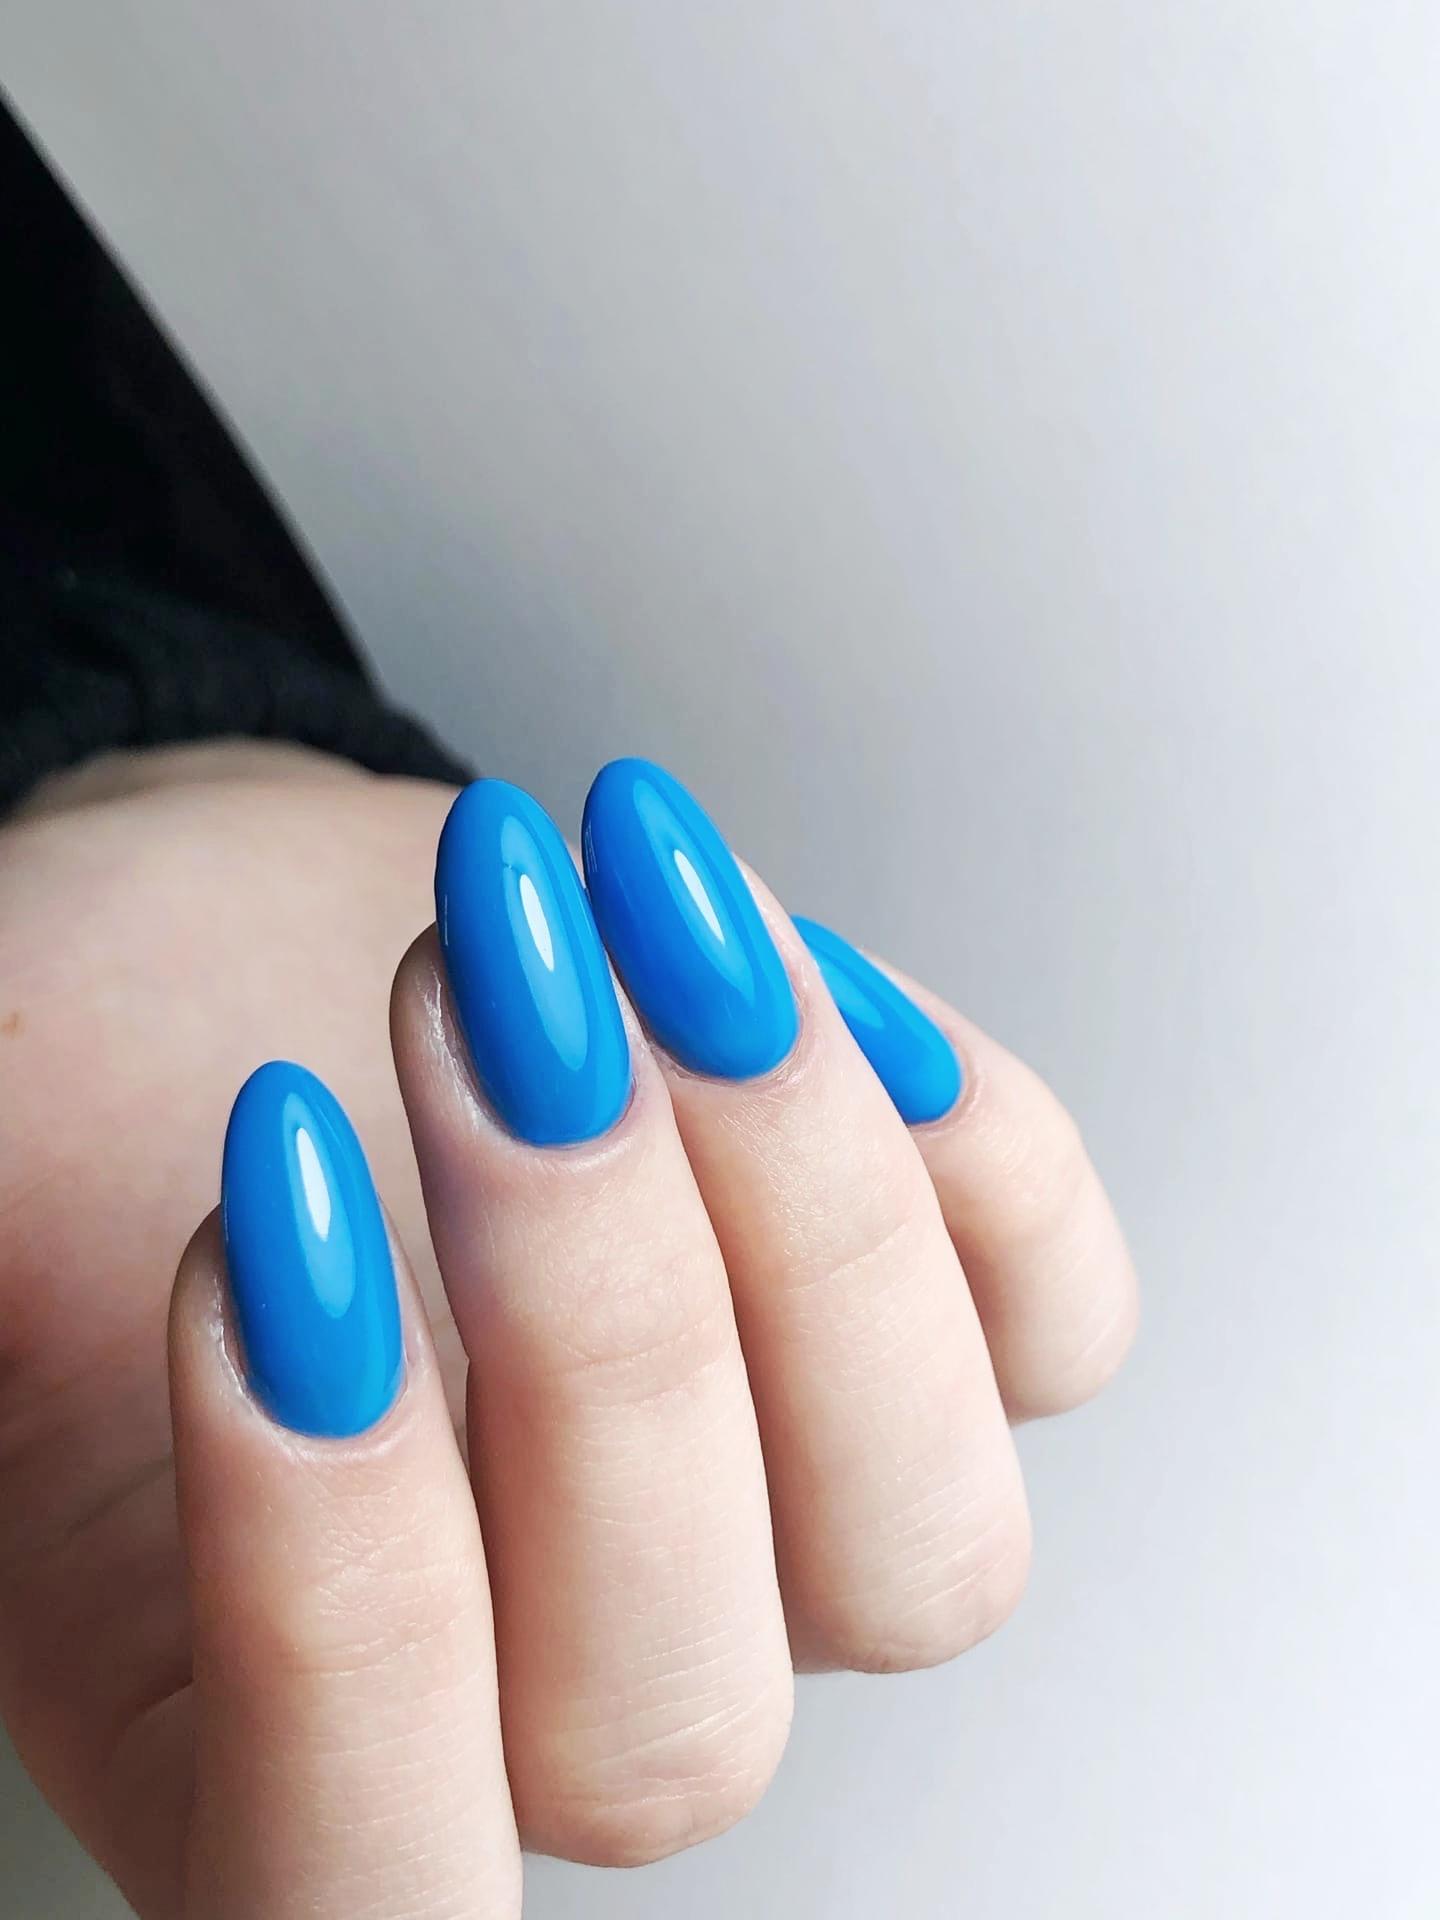 Маникюр в голубом цвете.